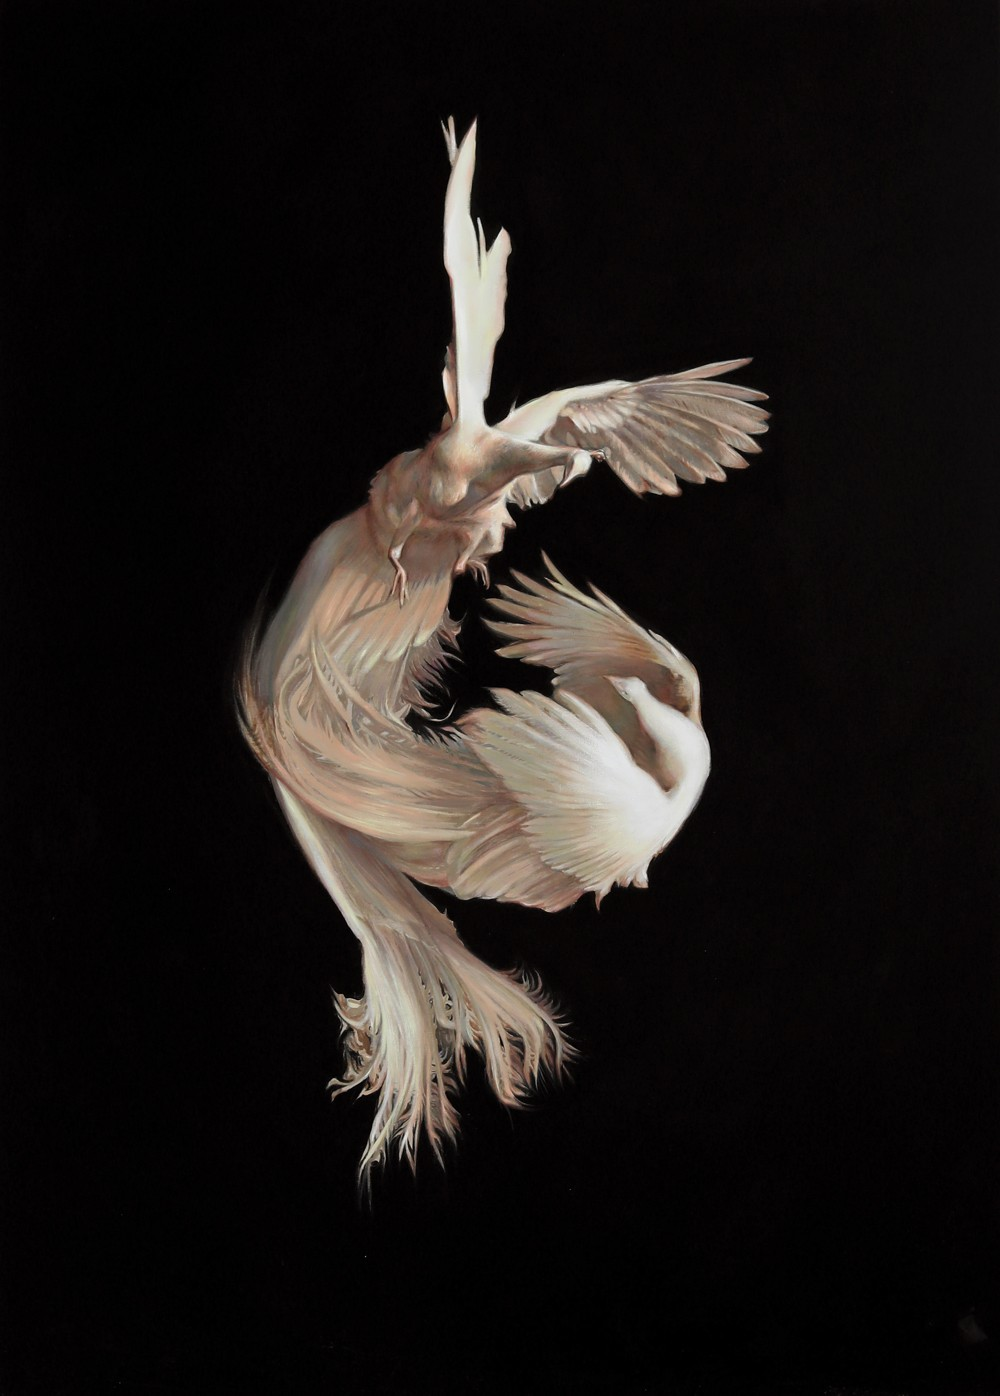 """White Male Peacocks, Lily Morris, oil on linen, 67"""" x 48"""", 2020"""